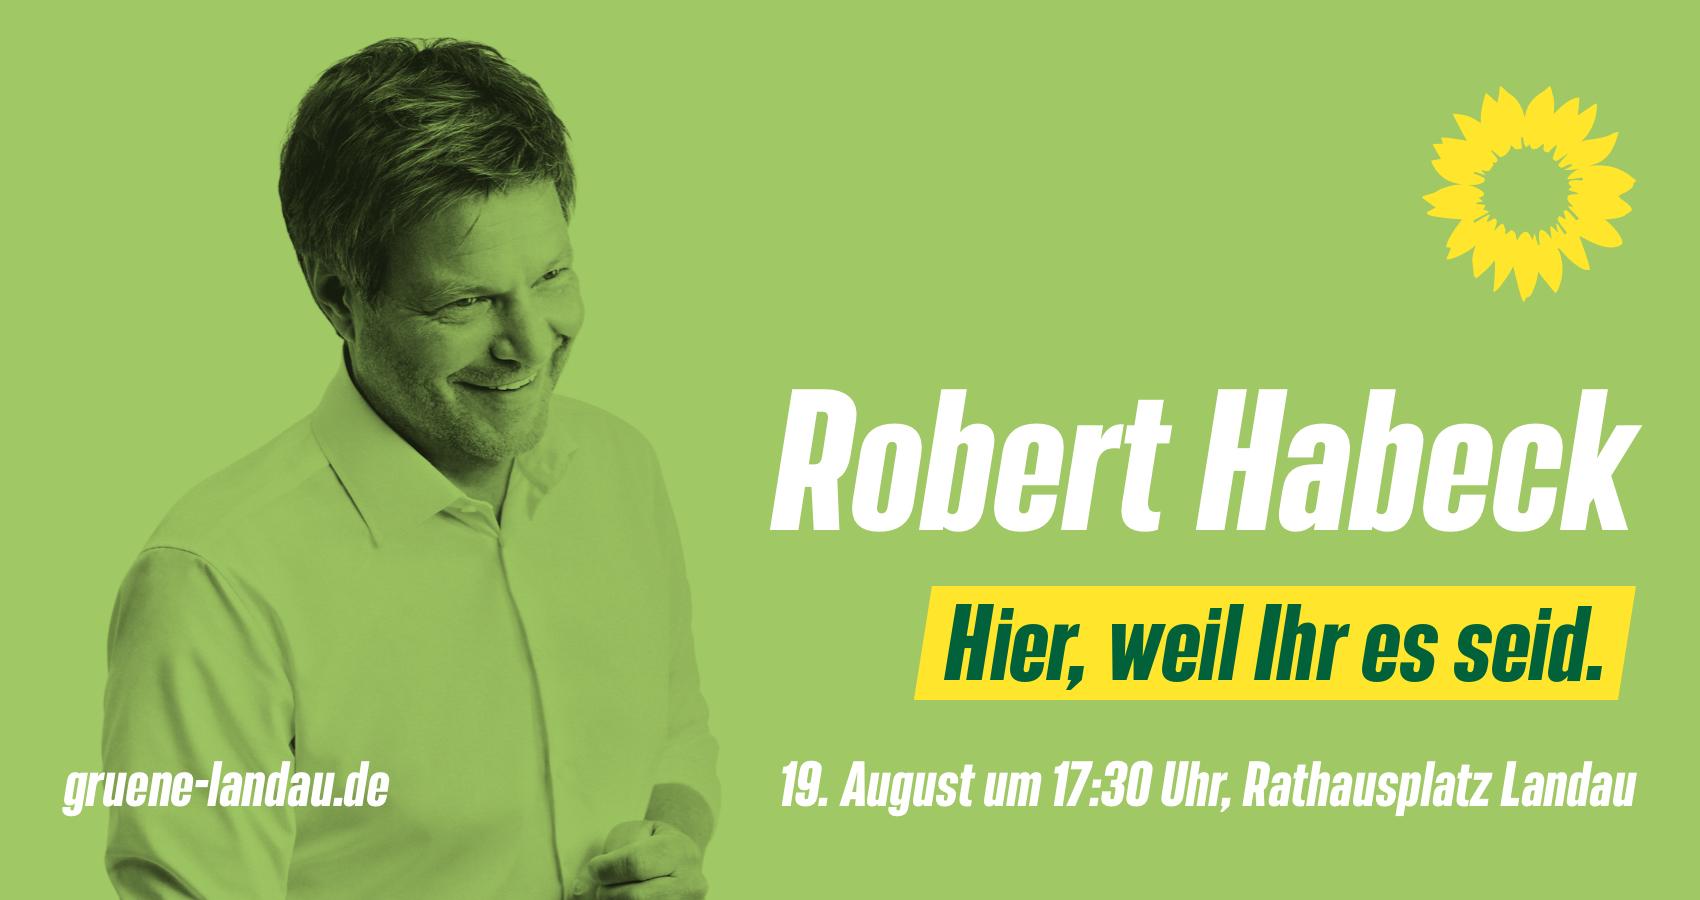 Robert Habeck kommt am 19. August um 17:30 Uhr nach Landau